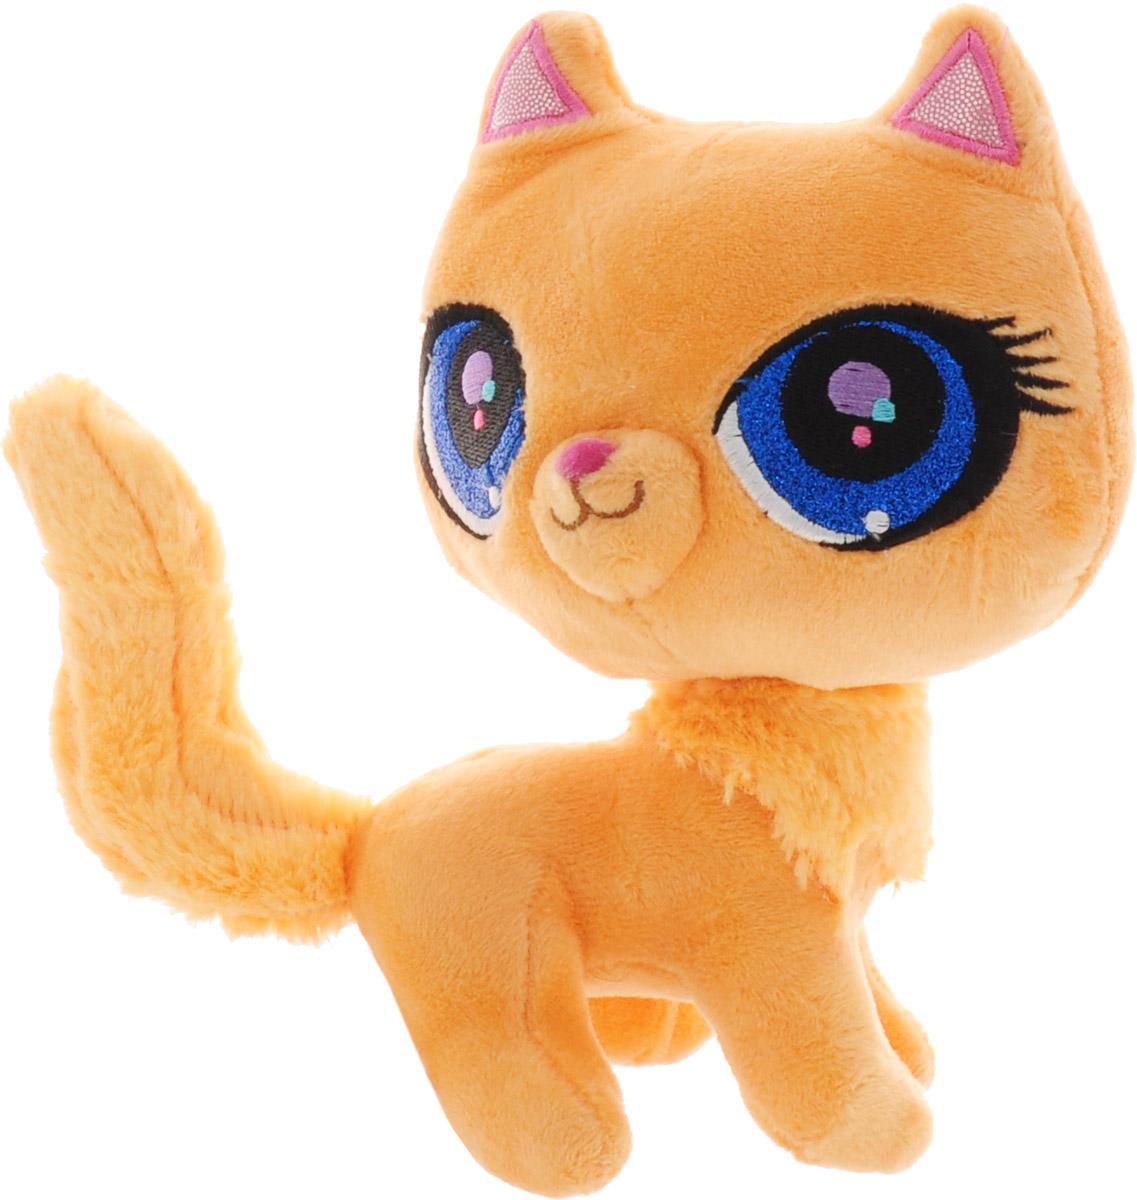 Мульти-Пульти Мягкая Игрушка Рыжая кошка Litttlest Pet Shop 17 см V27909/17